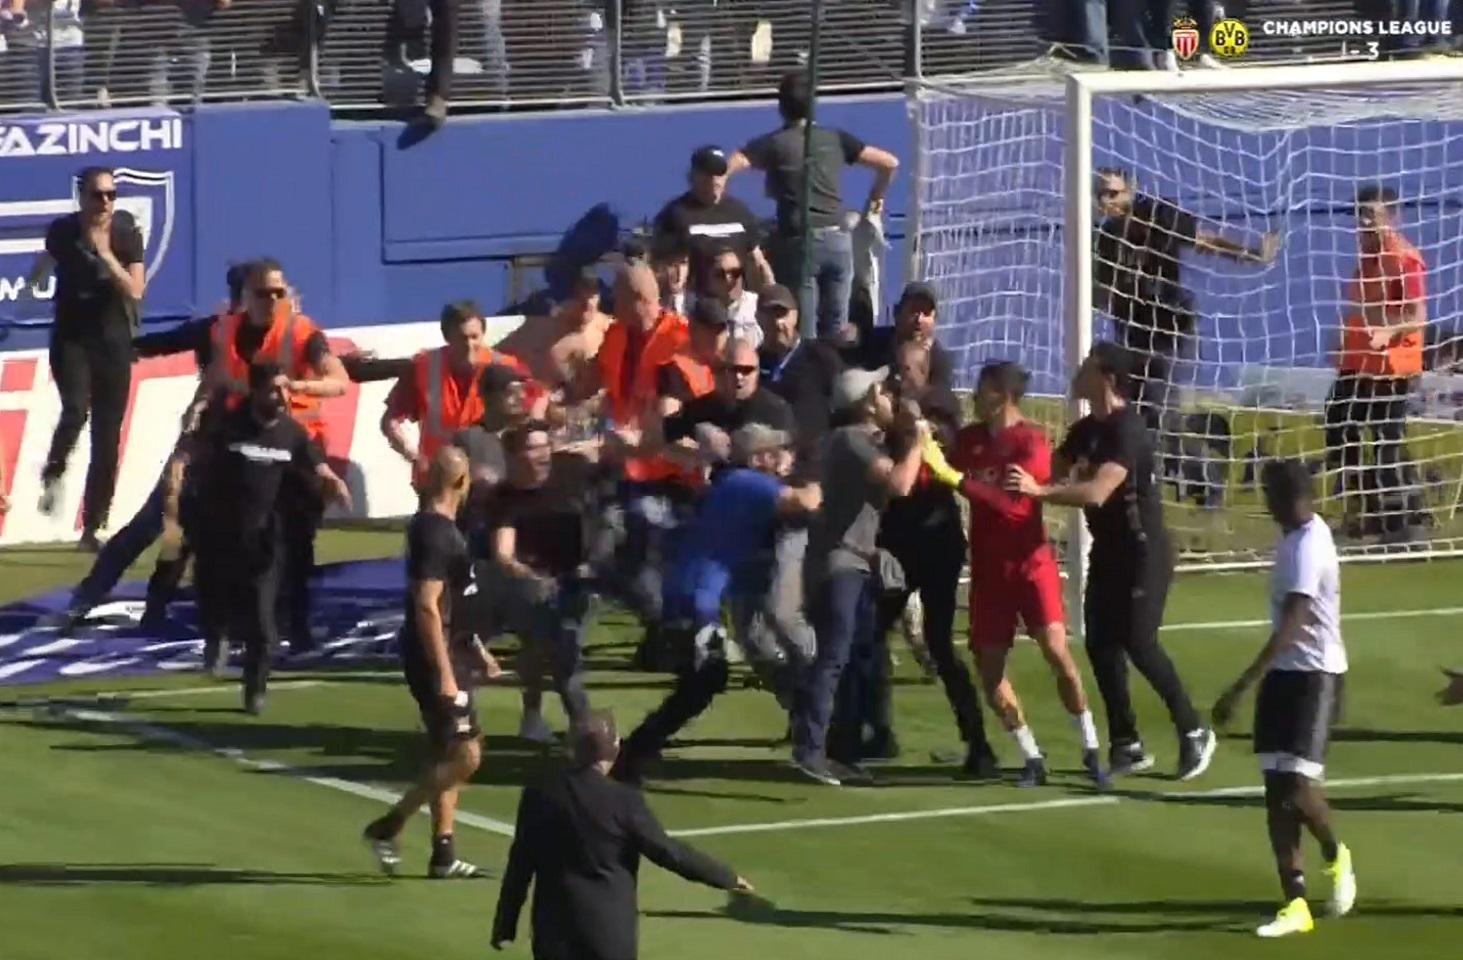 Incidents bastia victoire de l ol sur tapis vert - Lyon tapis vert ...